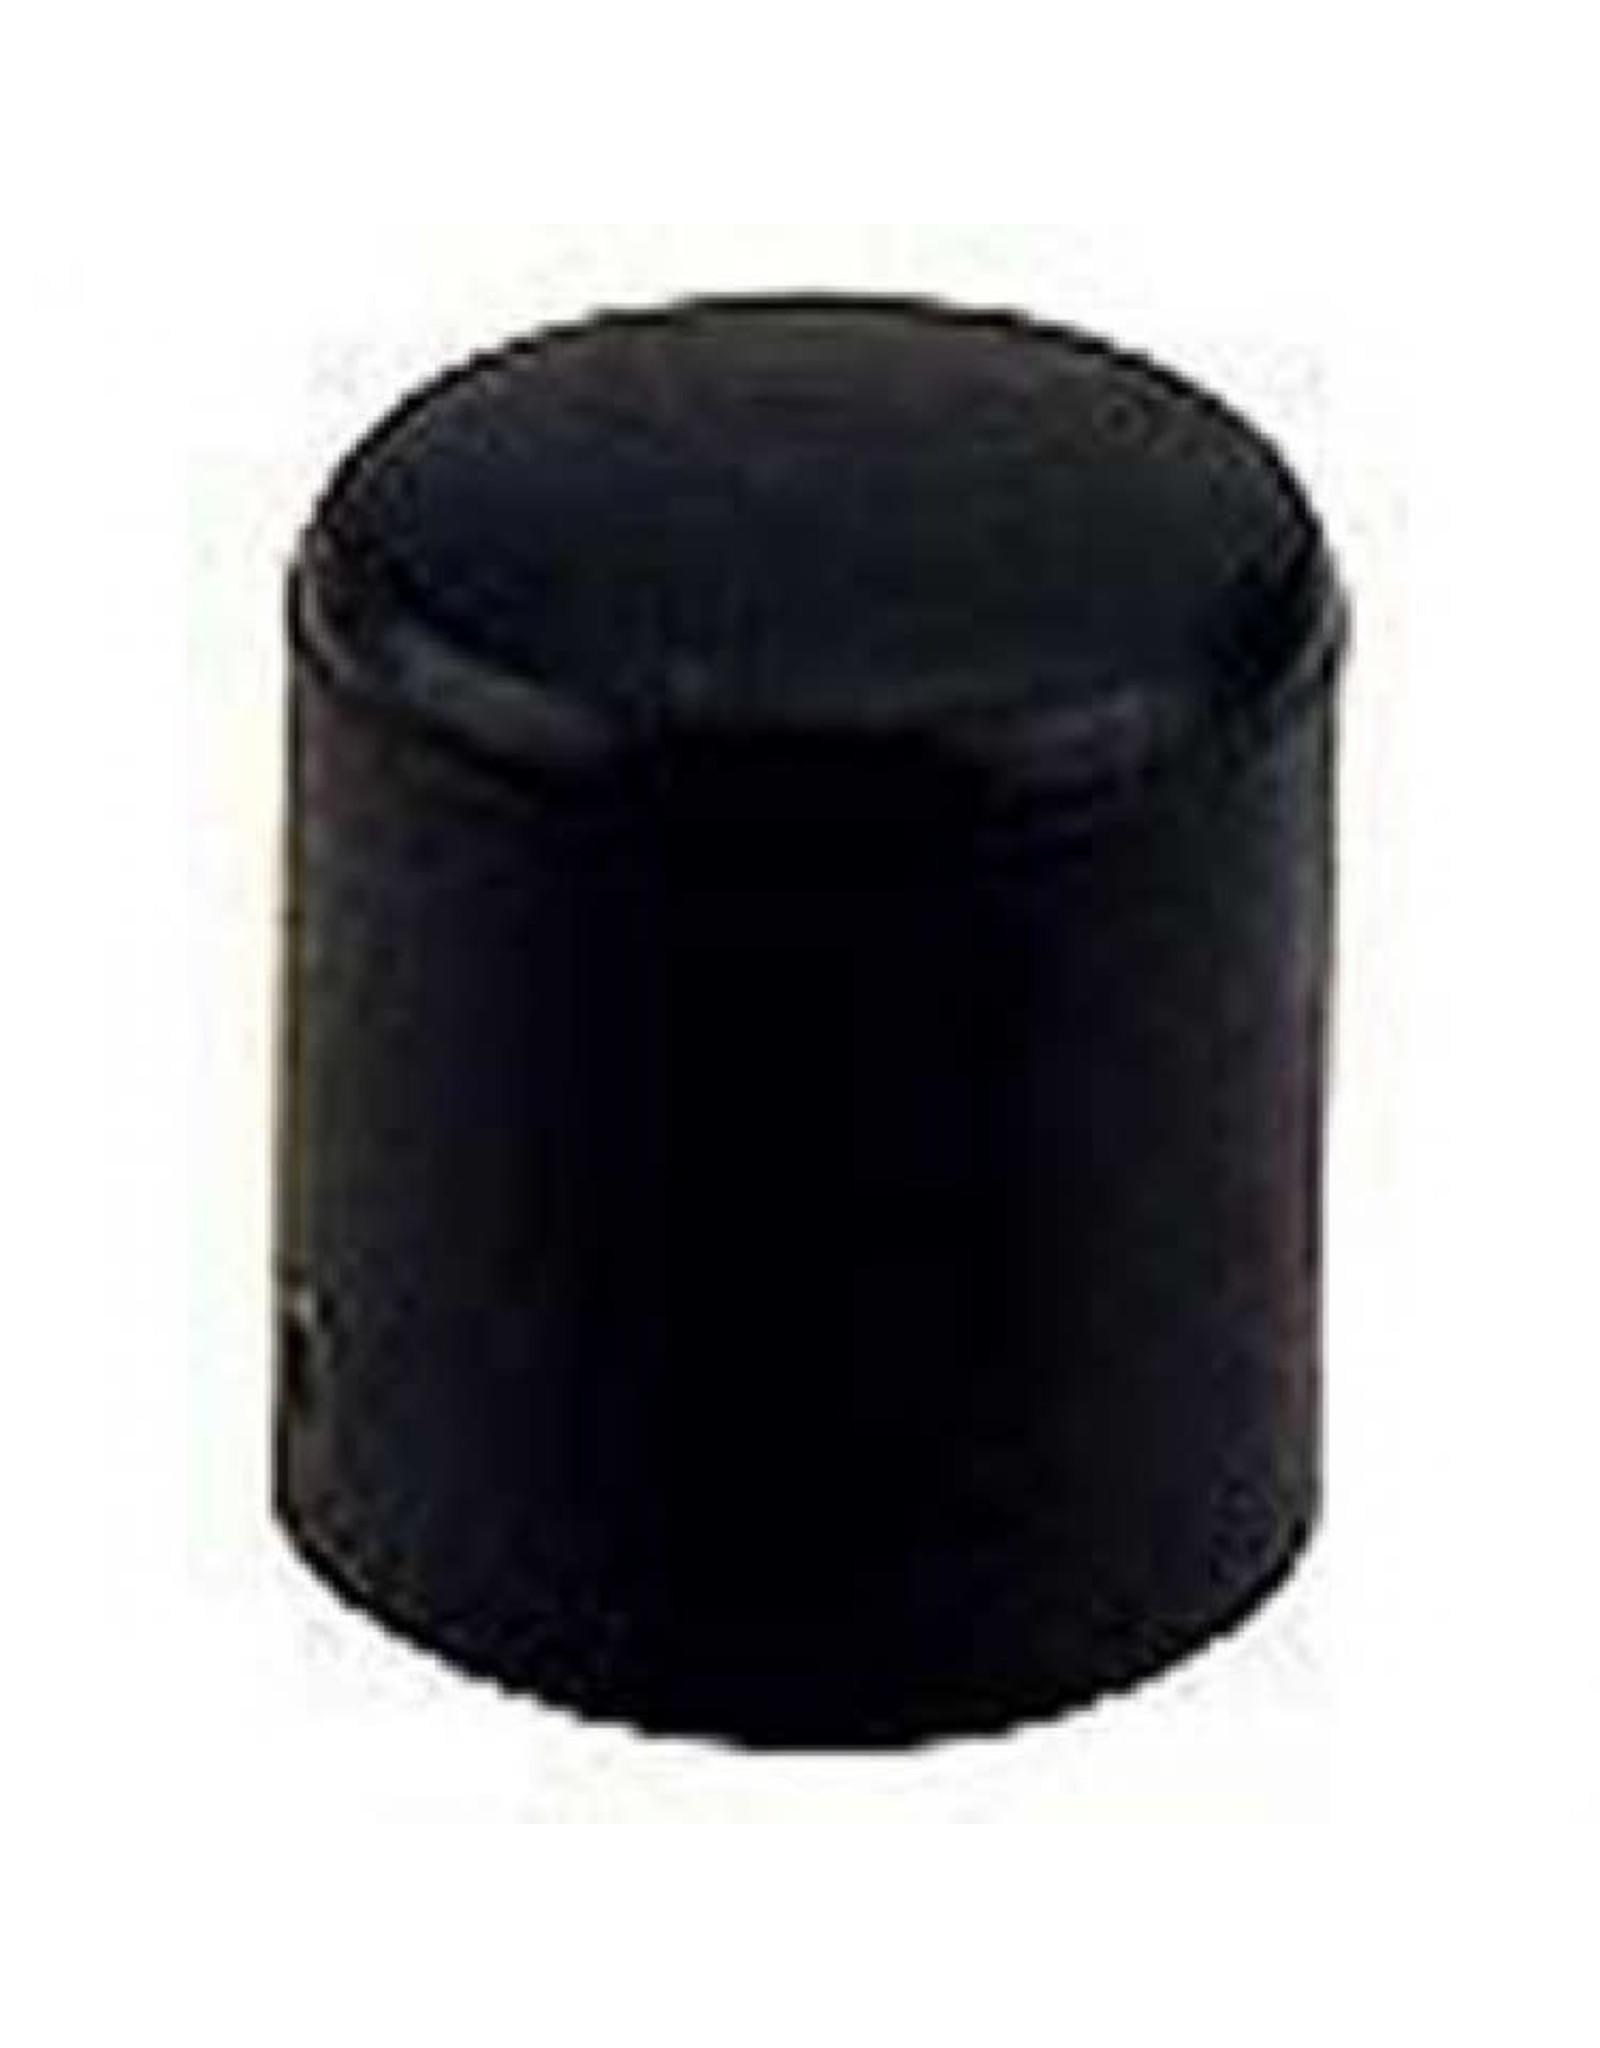 Meubeldop, kunststof voor om ronde poot 32 mm per 4 stuks